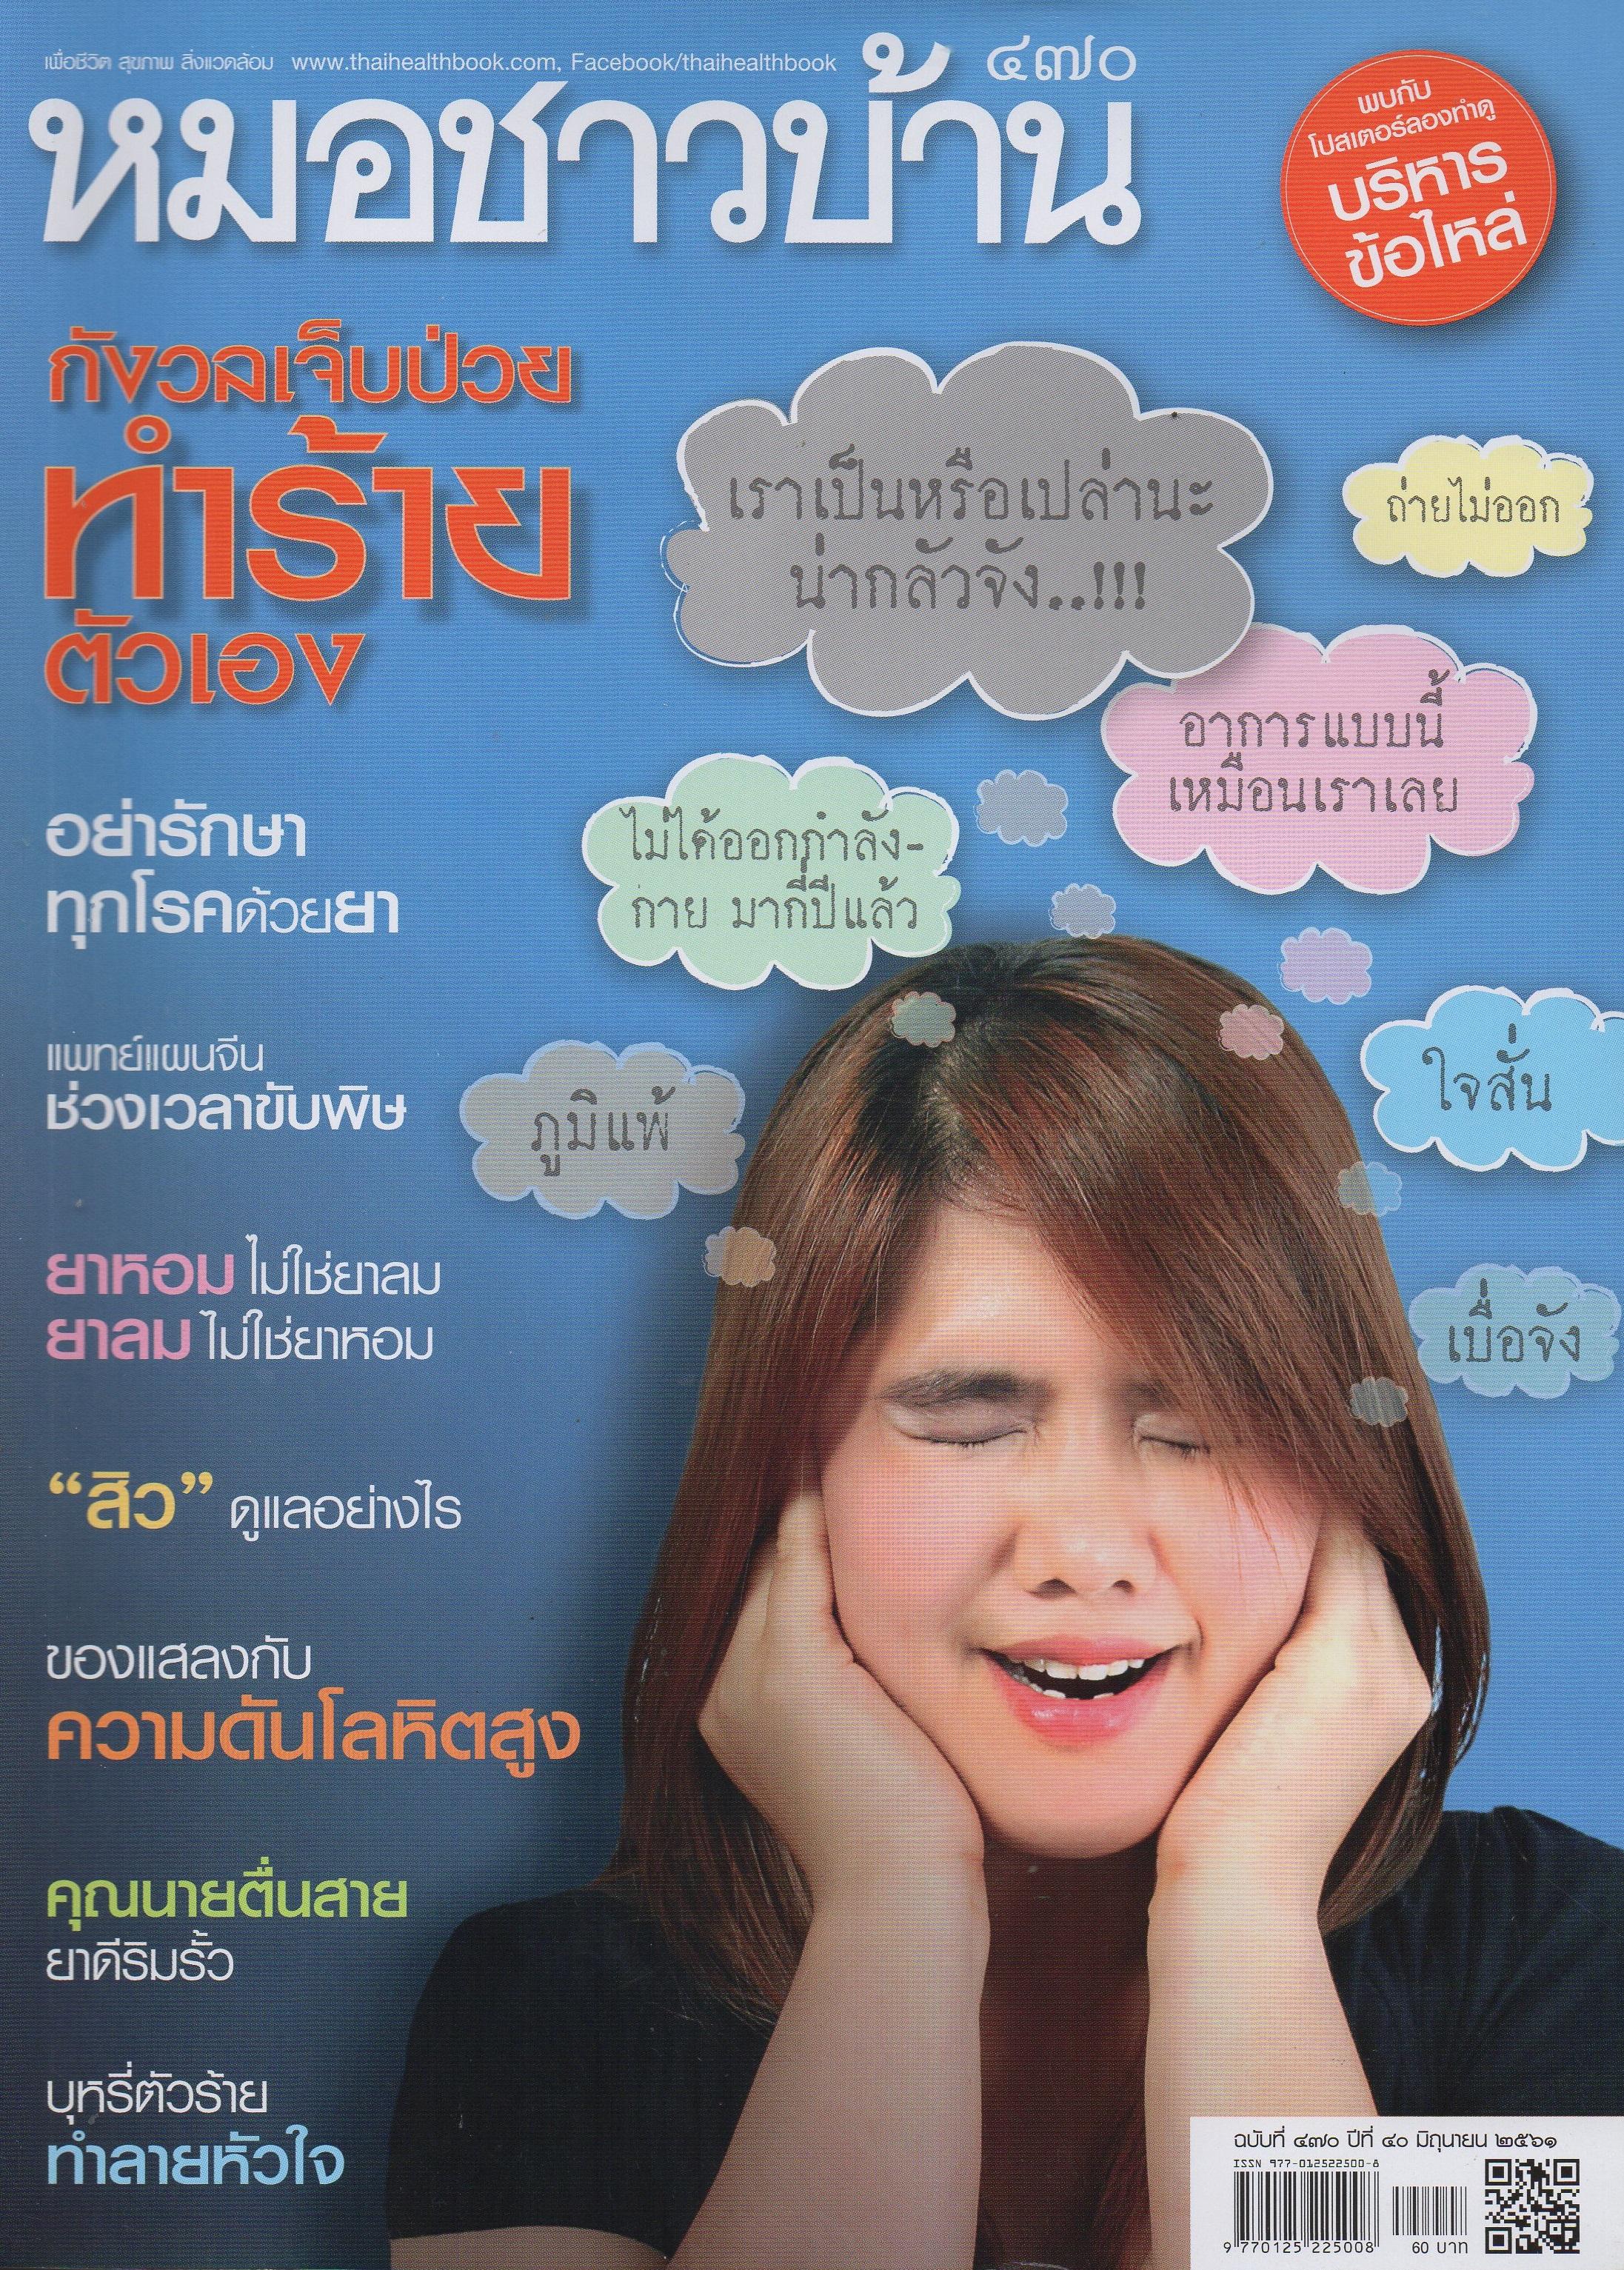 แนะนำวารสารใหม่ ประจำเดือนมิถุนายน 2561 ครั้งที่ 1